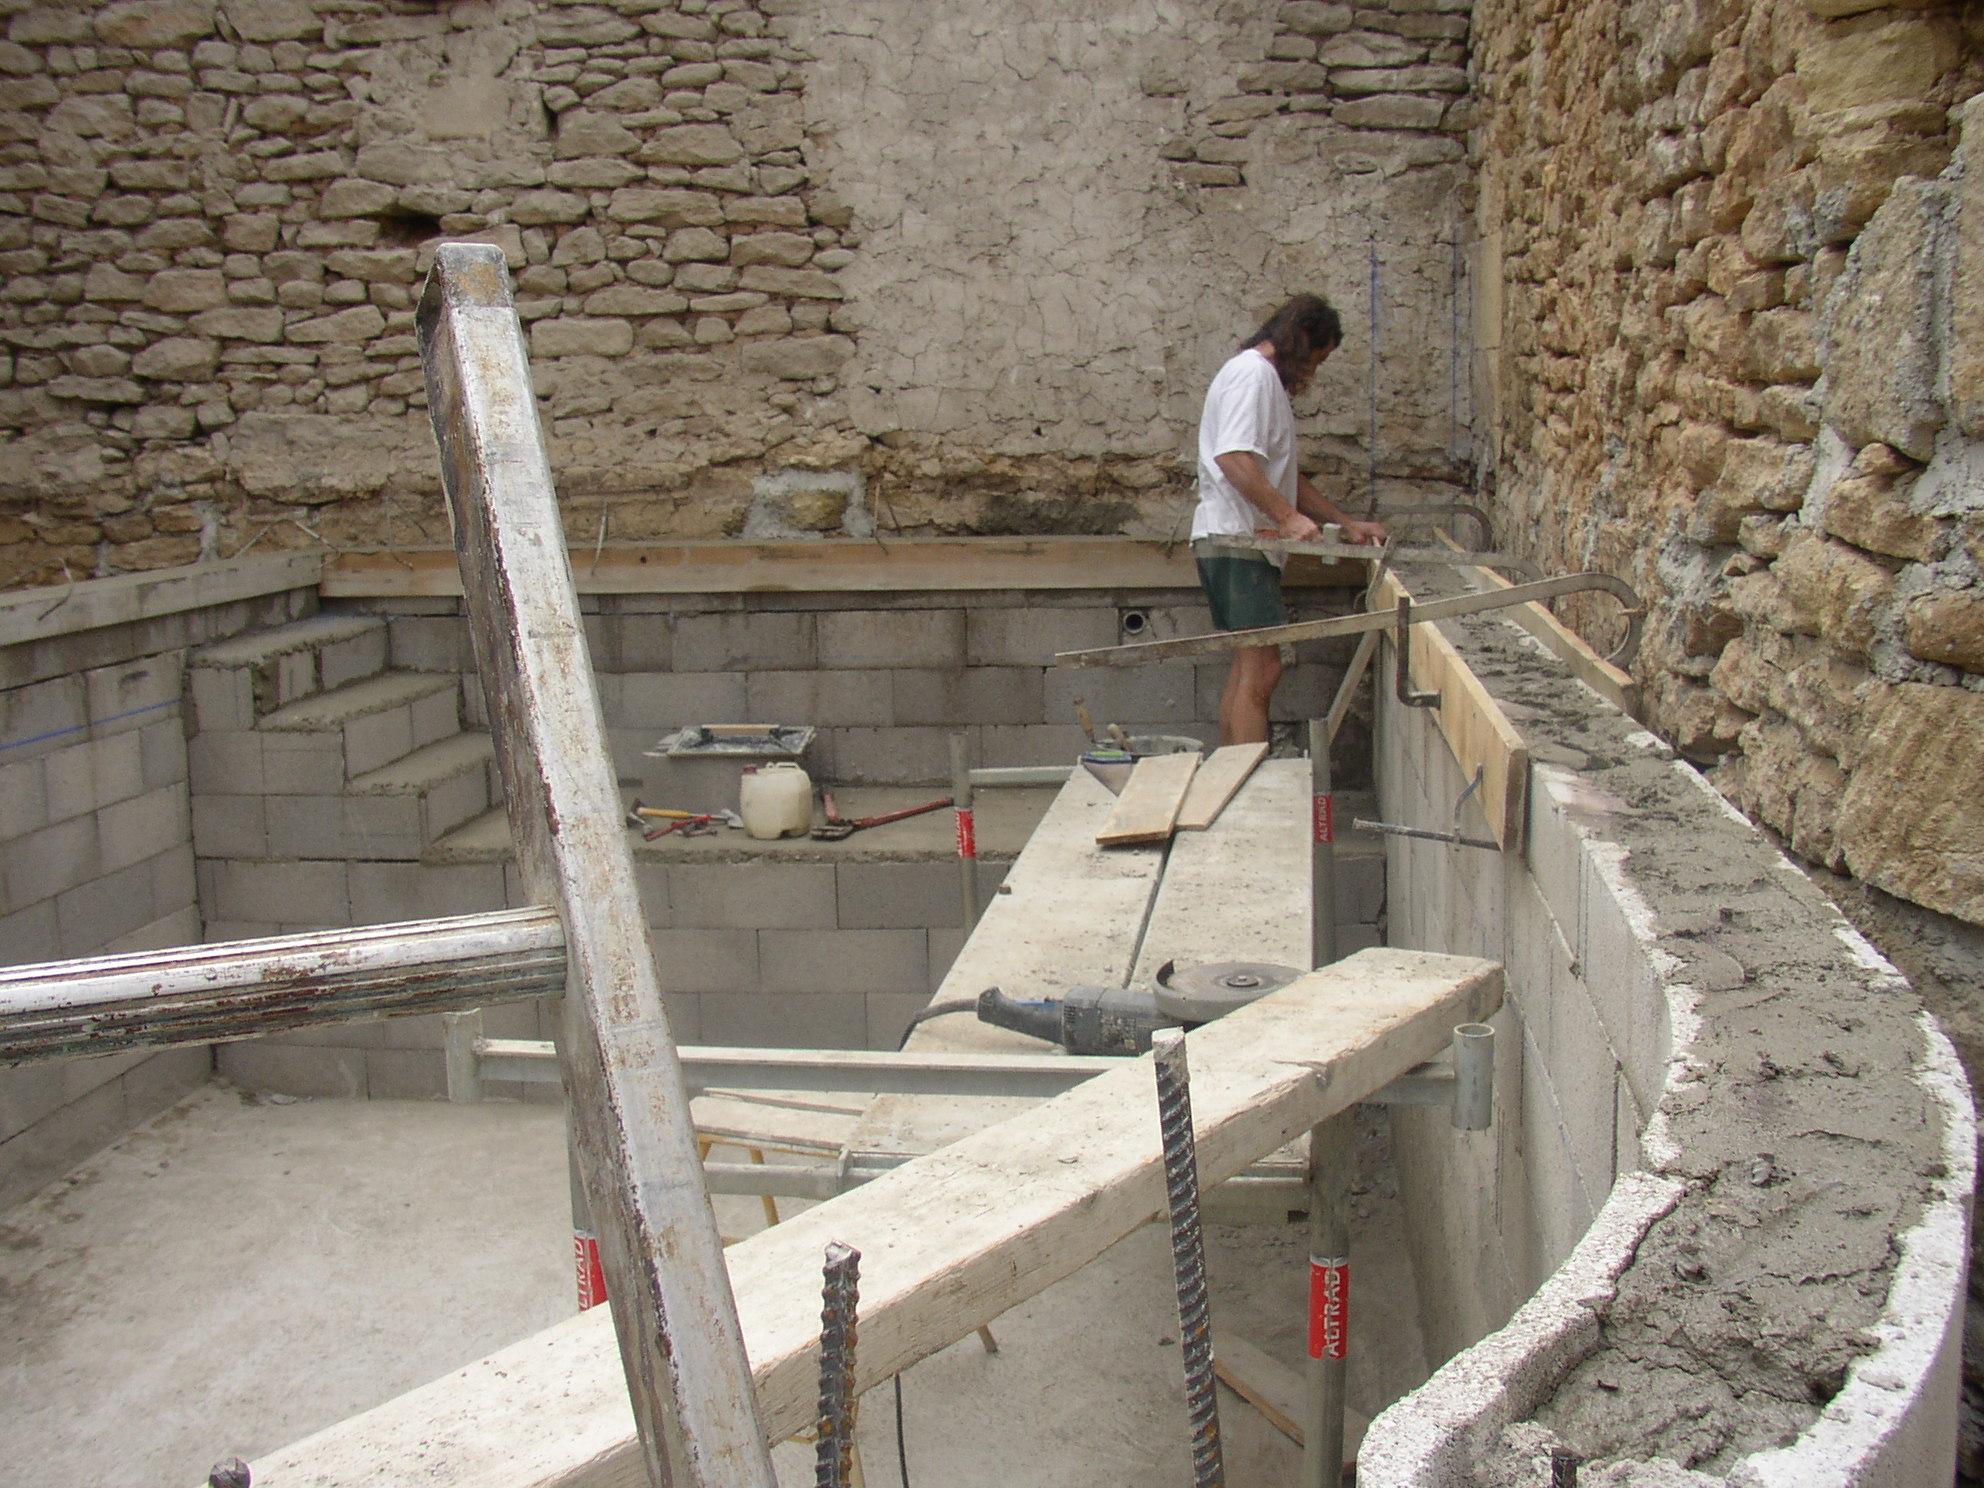 Desportes rénovation Gard. Murs en agglo à bancher, banquette et escalier béton dans la piscine.